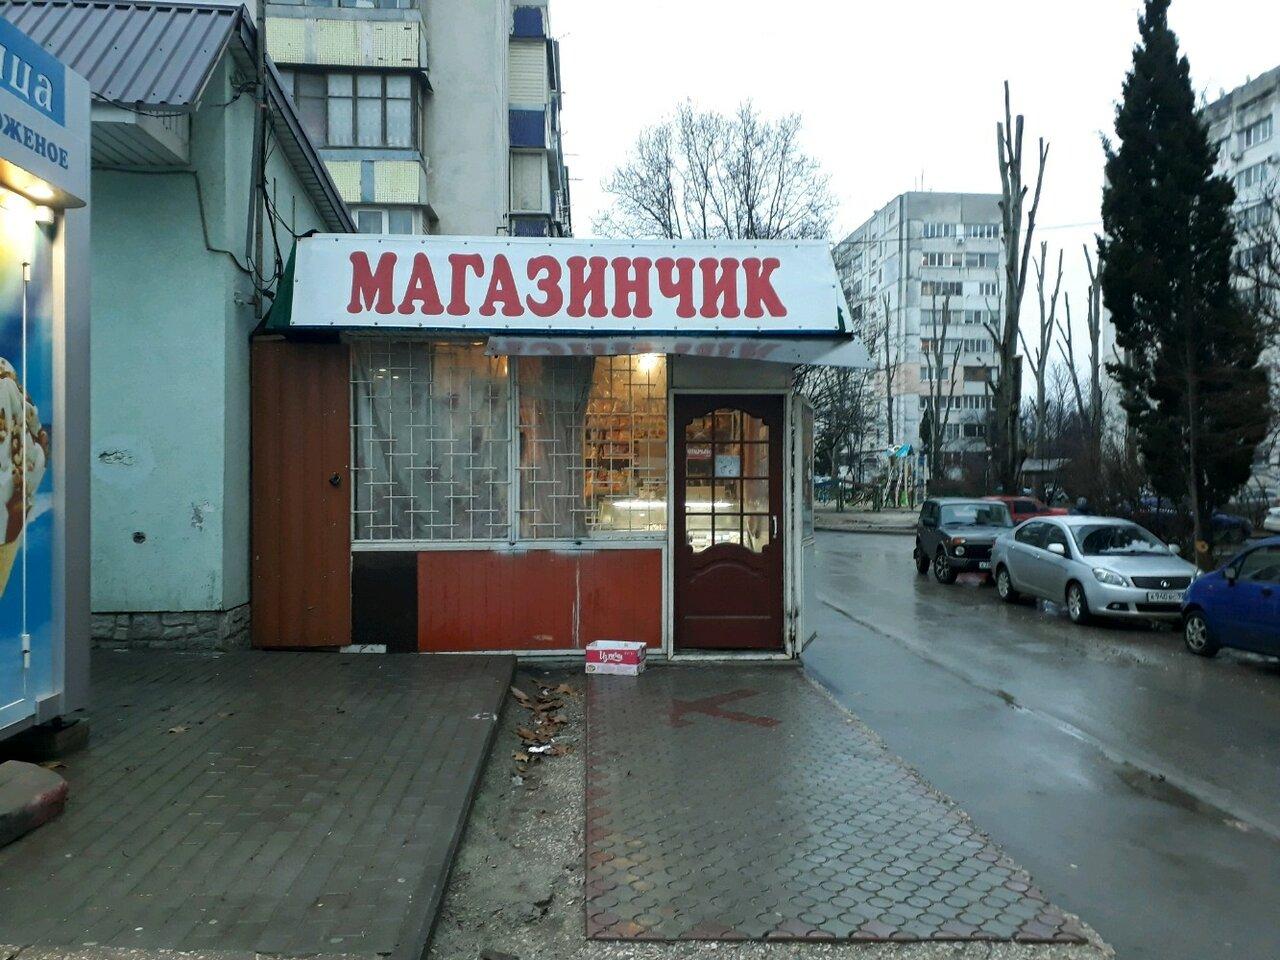 фото магазинов мастер и каскад этот радостный